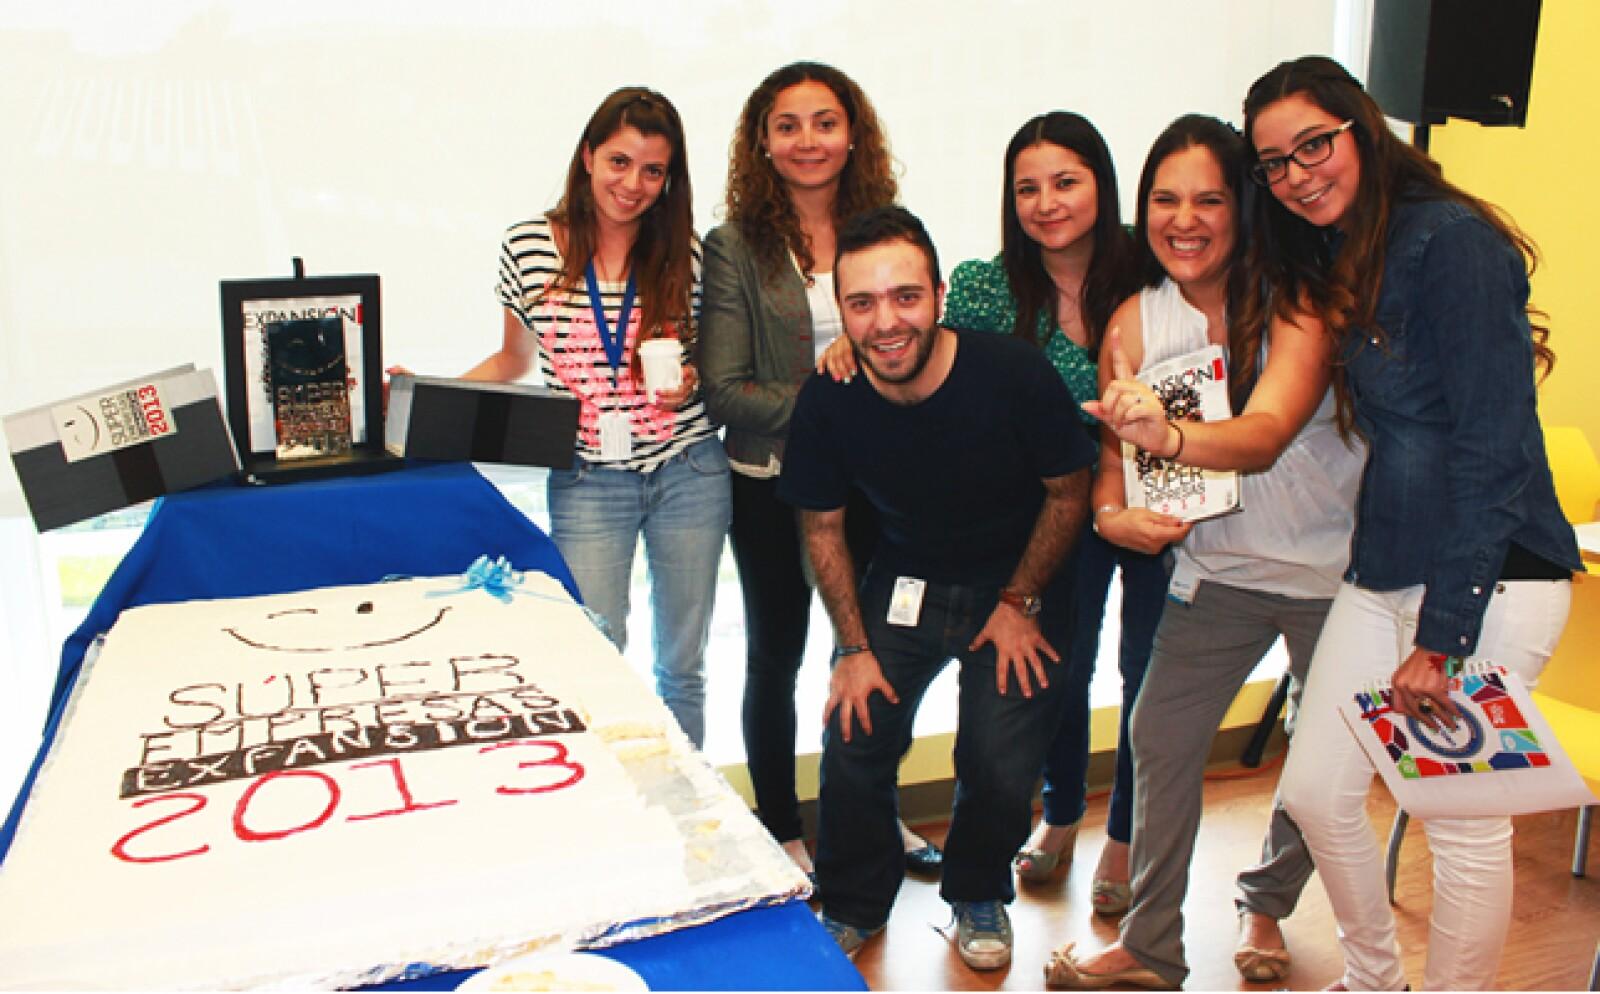 En Unilever la celebración incluyó un súper pastel de las Súper Empresas 2013. Ellos festejaron su cuarta posición en la categoría más de 3000 empleados con un convivio al que asistió un gran número de colaboradores.